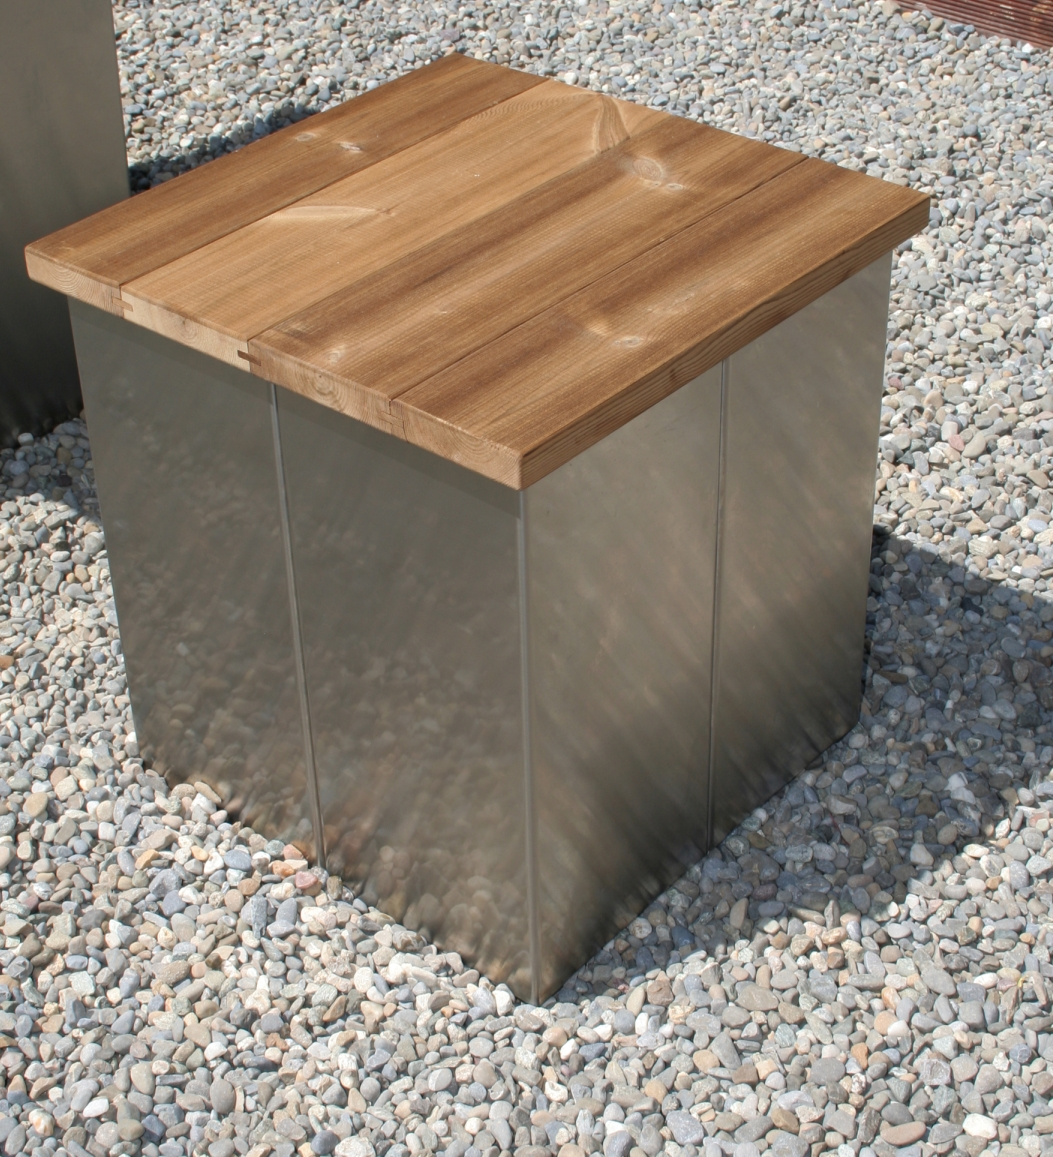 Gartenmöbel Holz Modern garten im quadrat garten hocker aus edelstahl und holz modern puristisch